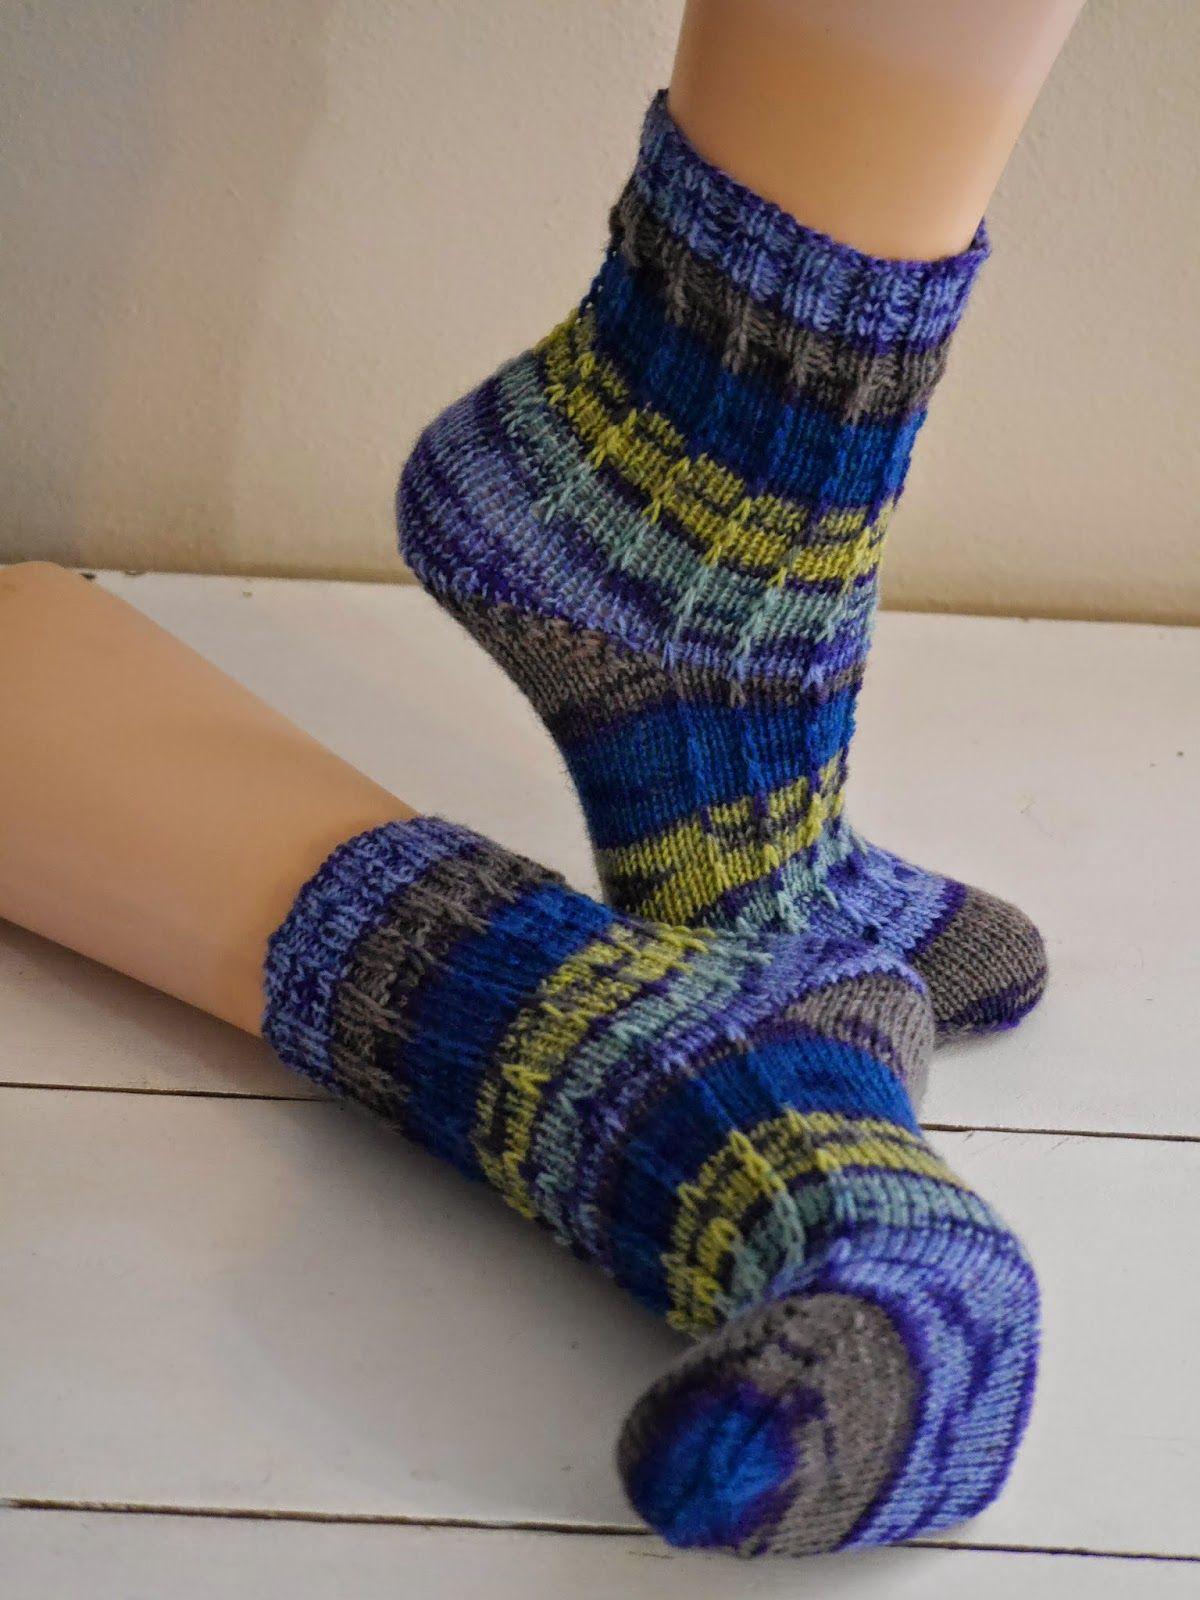 Socken (Bild) | Handarbeit: Stricken | Pinterest | Stulpen, Stricken ...